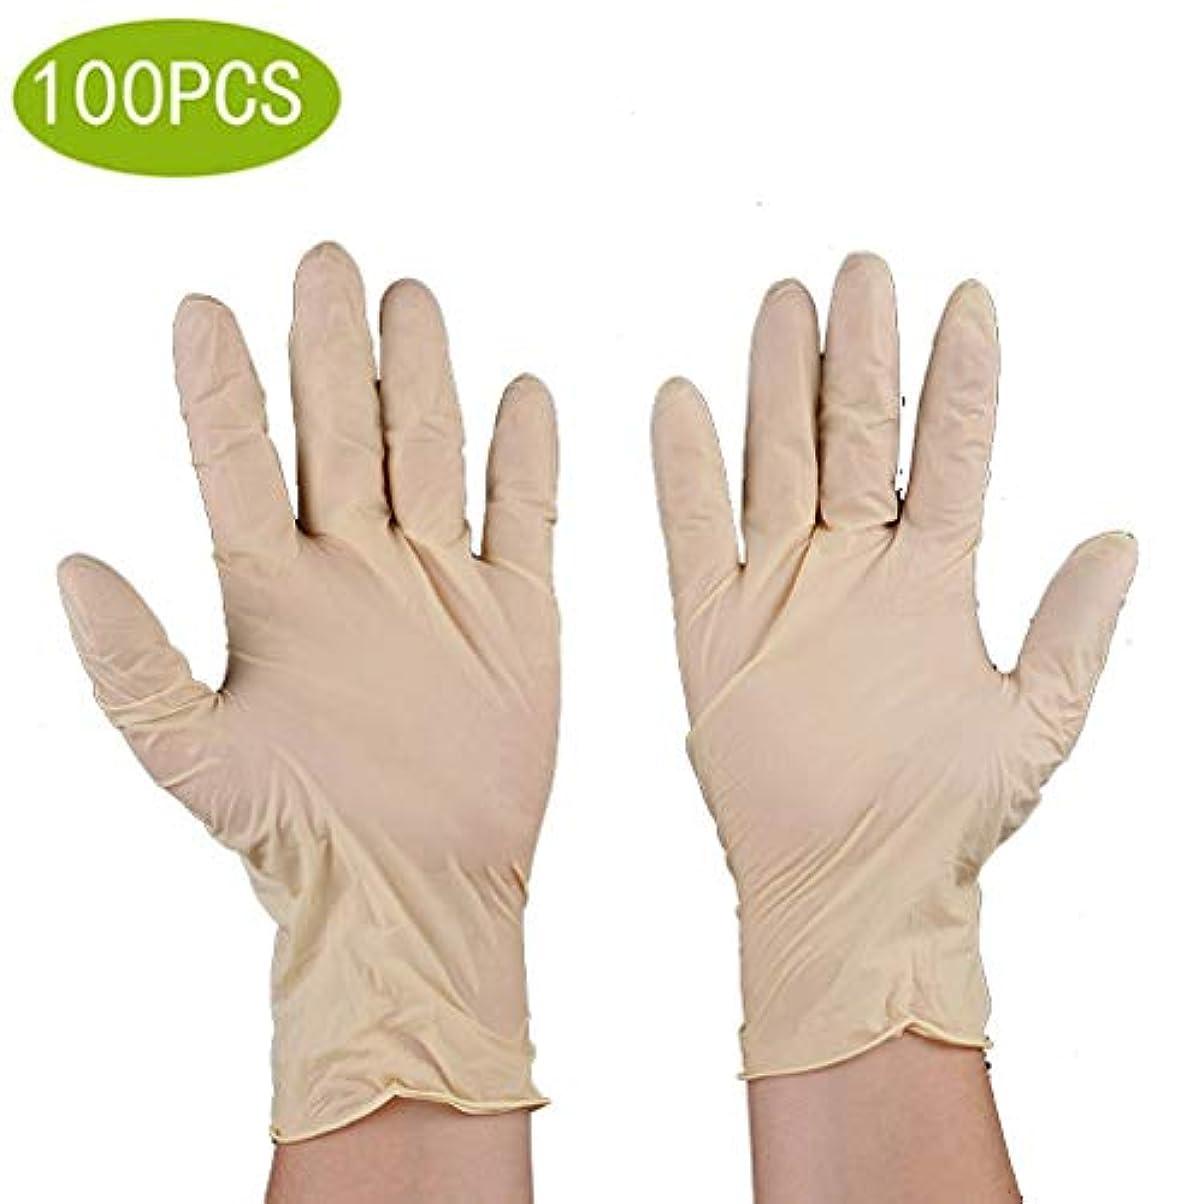 勉強する原始的なチップ使い捨て手袋食品ケータリング手術丁清ゴム労働保護ラテックス肌キッチン厚い試験/食品グレード安全用品、使い捨てハンドグローブディスペンサー[100個] (Size : S)